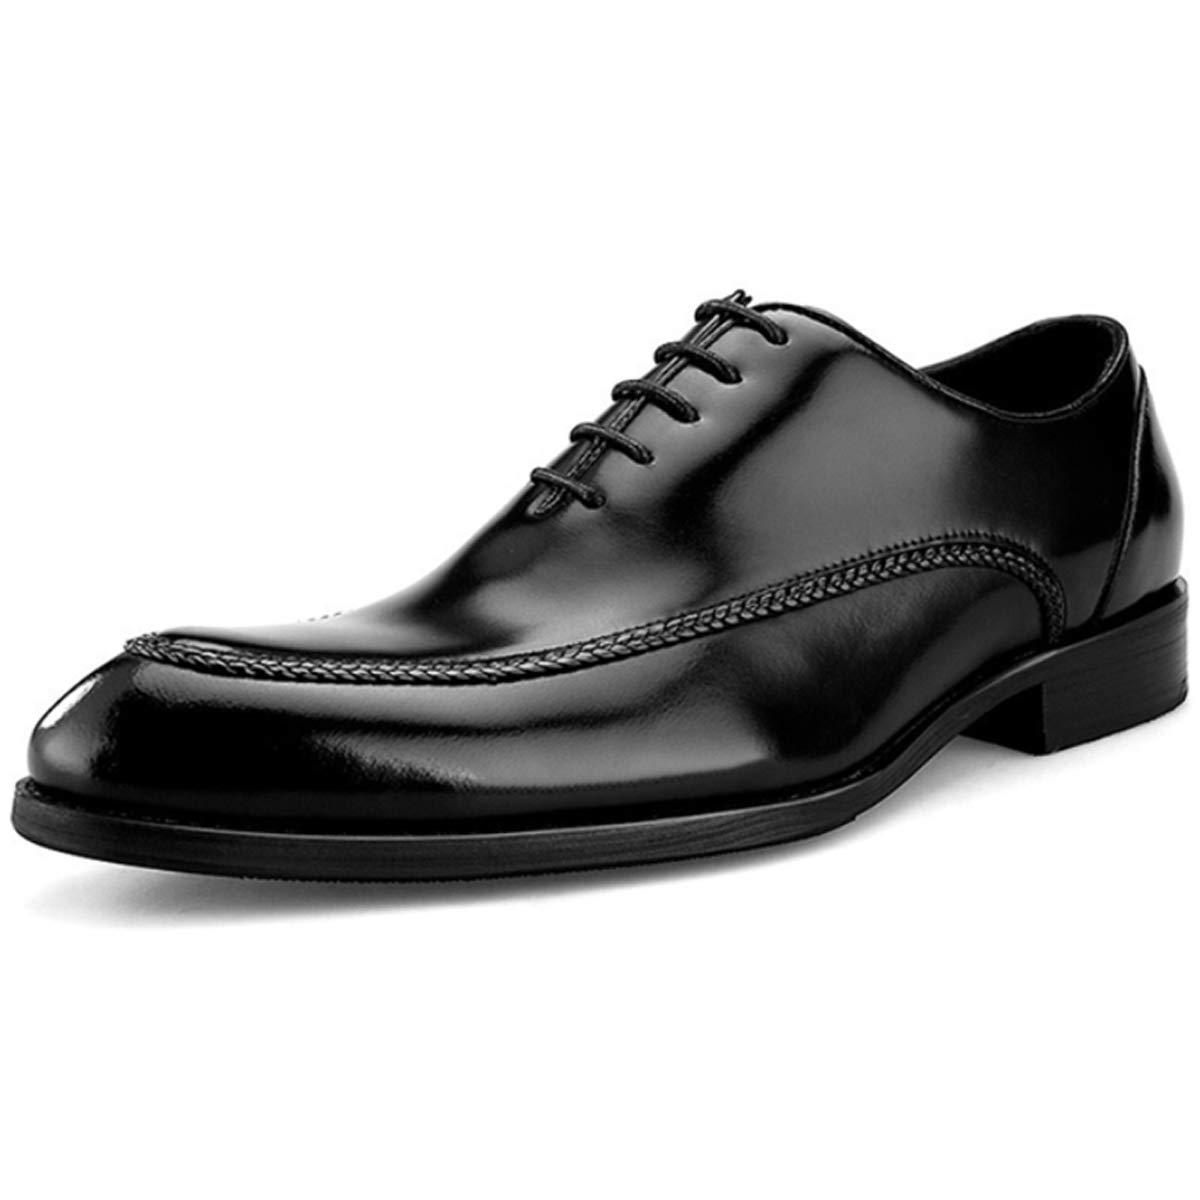 schwarz XWQYY Herren Lederschuhe Britisches Leder Handmade Nähgarn Schuhe Fashion Dress Business Pointy Schuhe,Browm-43EU